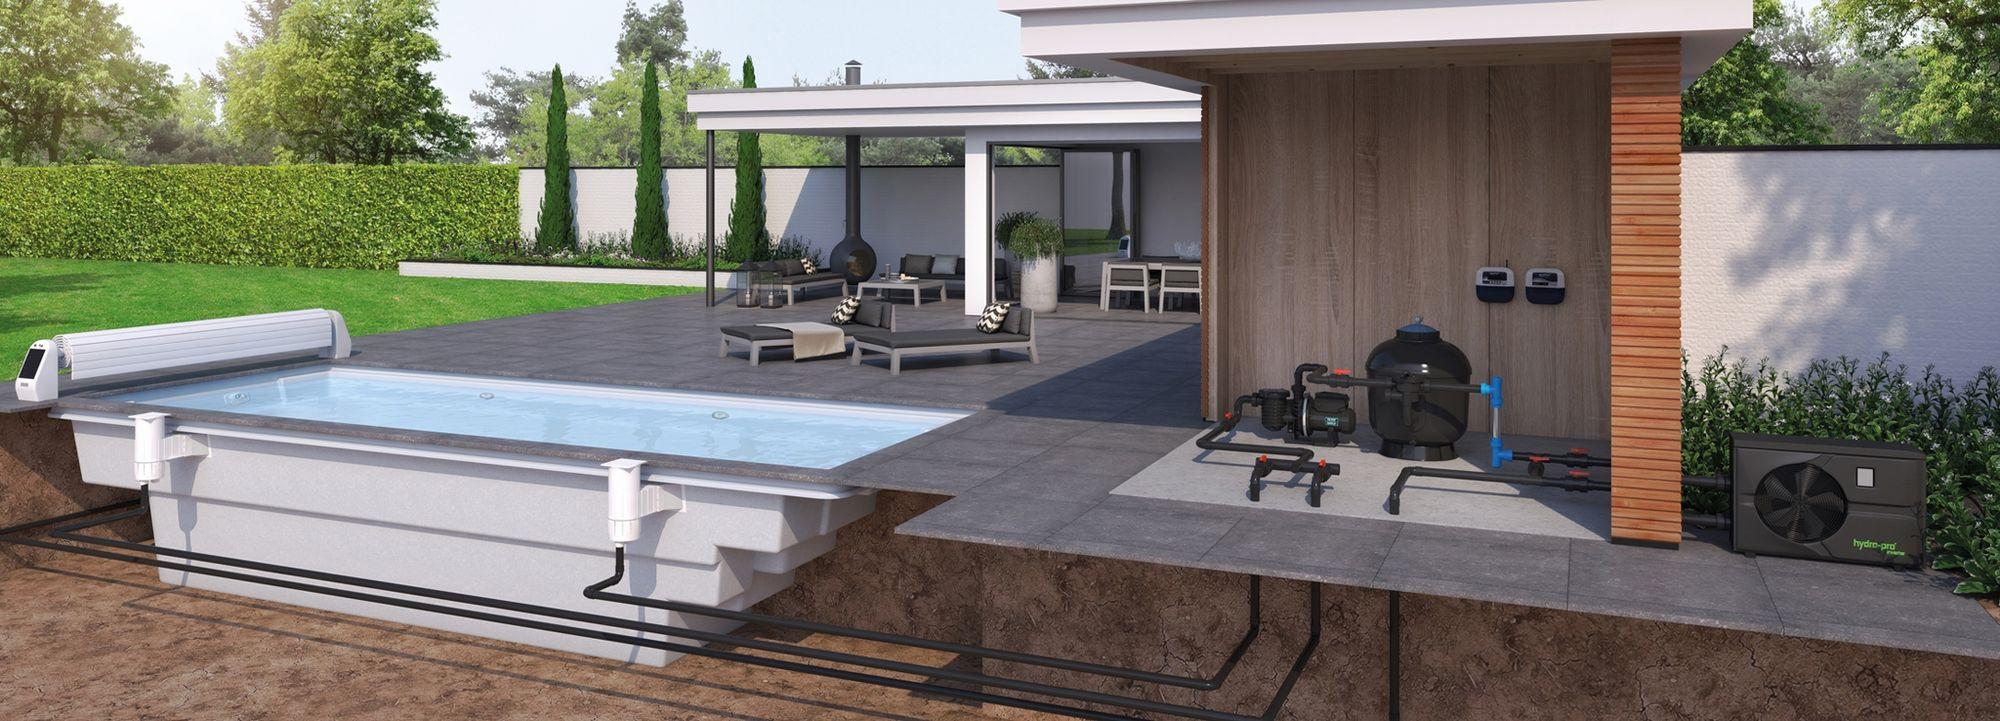 Norsup montecito m zwembad kopen rhodos shop for Polyester zwembad plaatsen